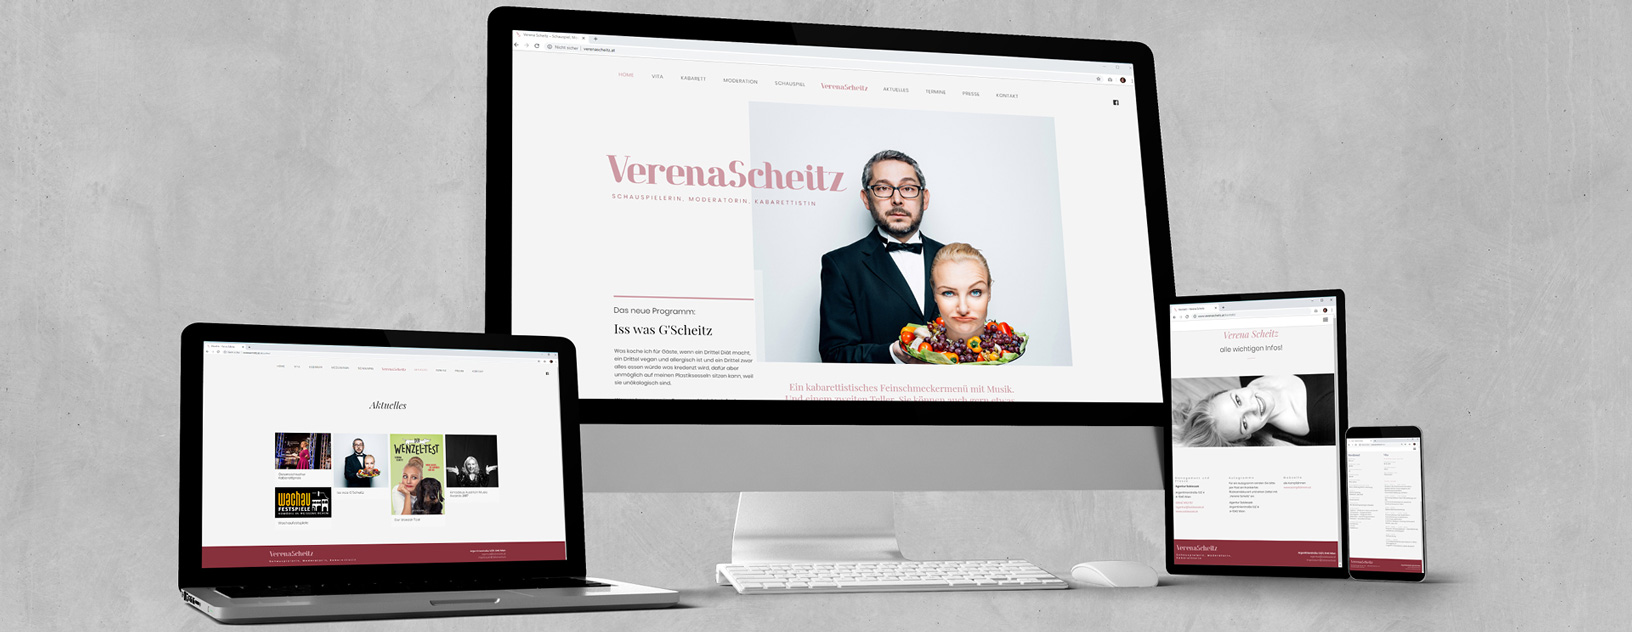 Webseite für Moderatorin und Kabarettistin Verena Scheitz auf Basis von WordPress